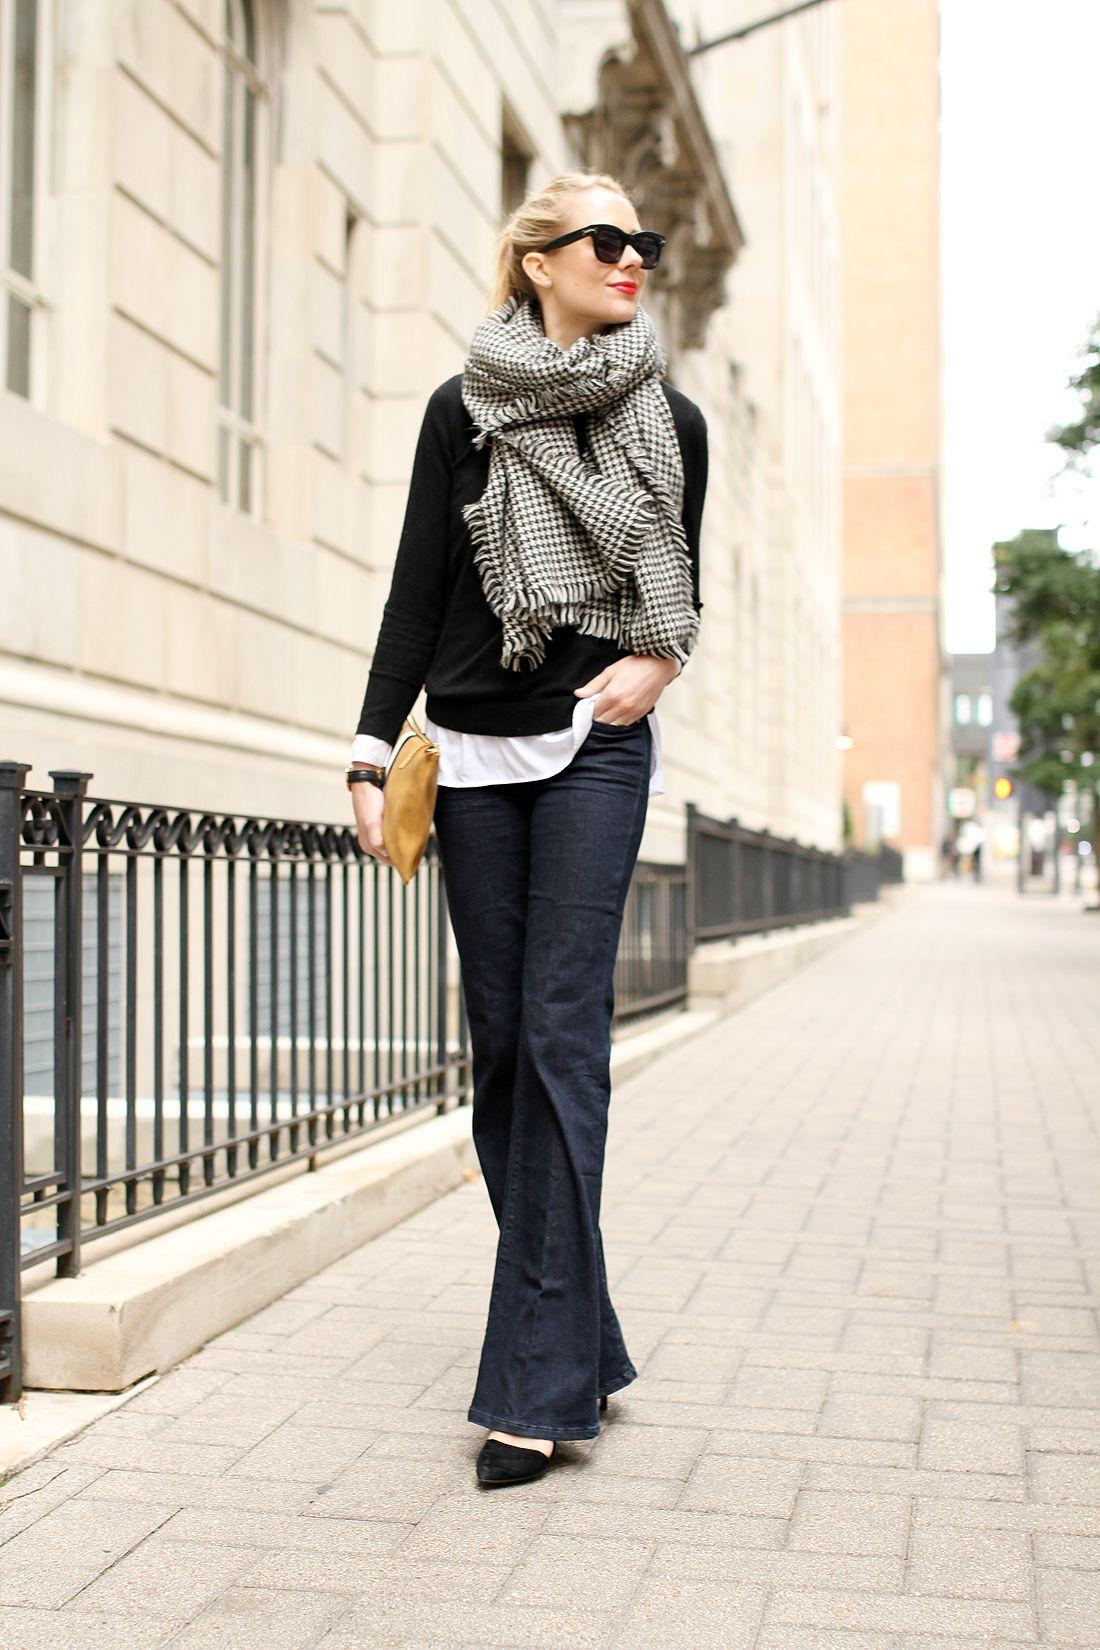 coperta sciarpa, maglia nera, camicia bianca, jeans svasati, tacchi neri, viandanti, claire vivier clutc...